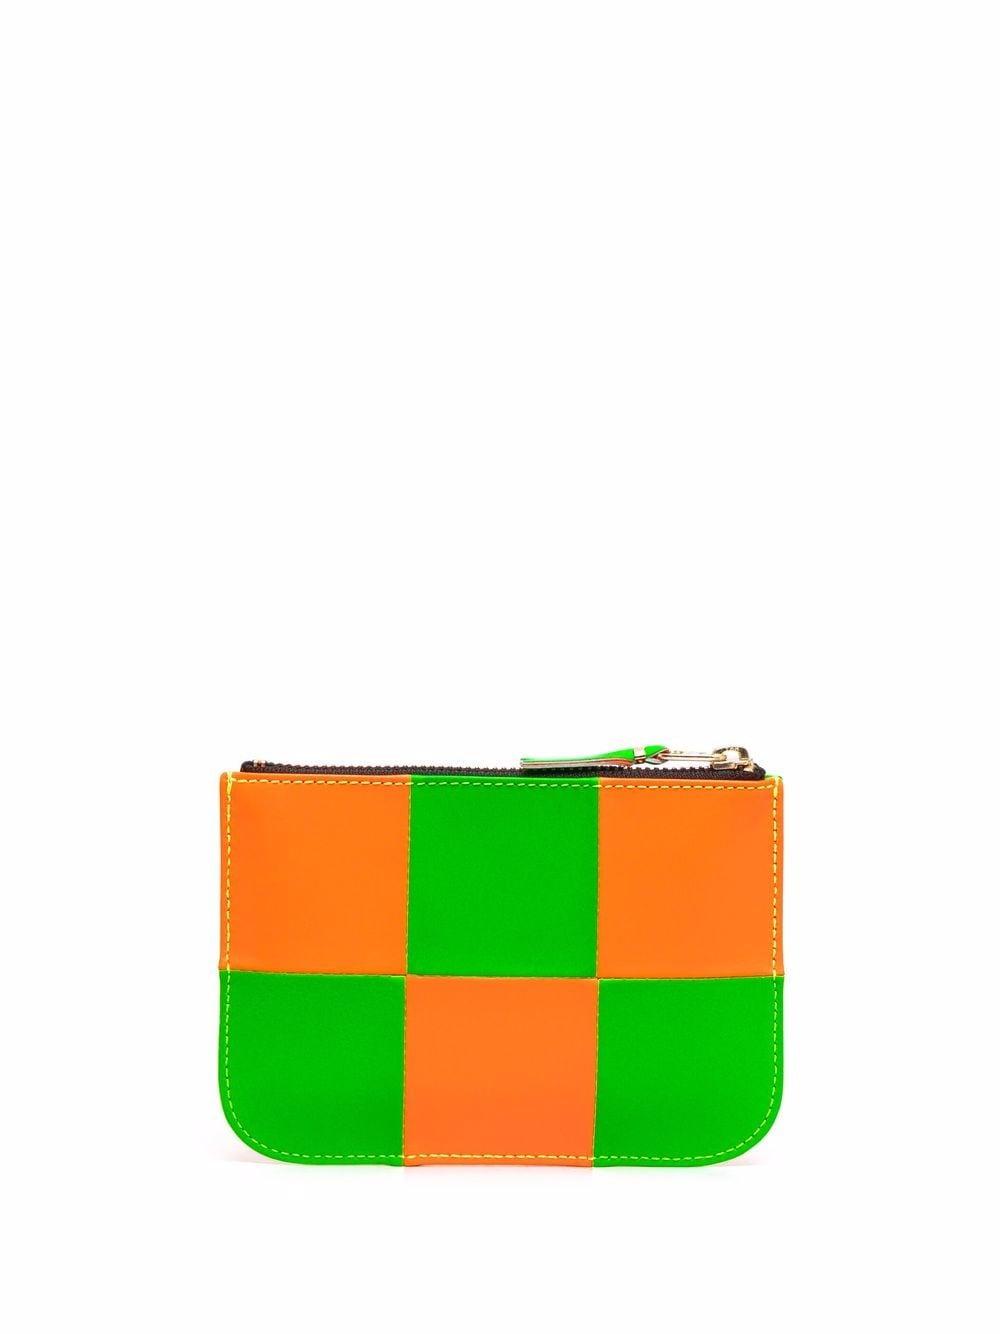 portafoglio bicolore unisex in pelle COMME DES GARÇONS WALLET   Portafogli   SA8100FS1